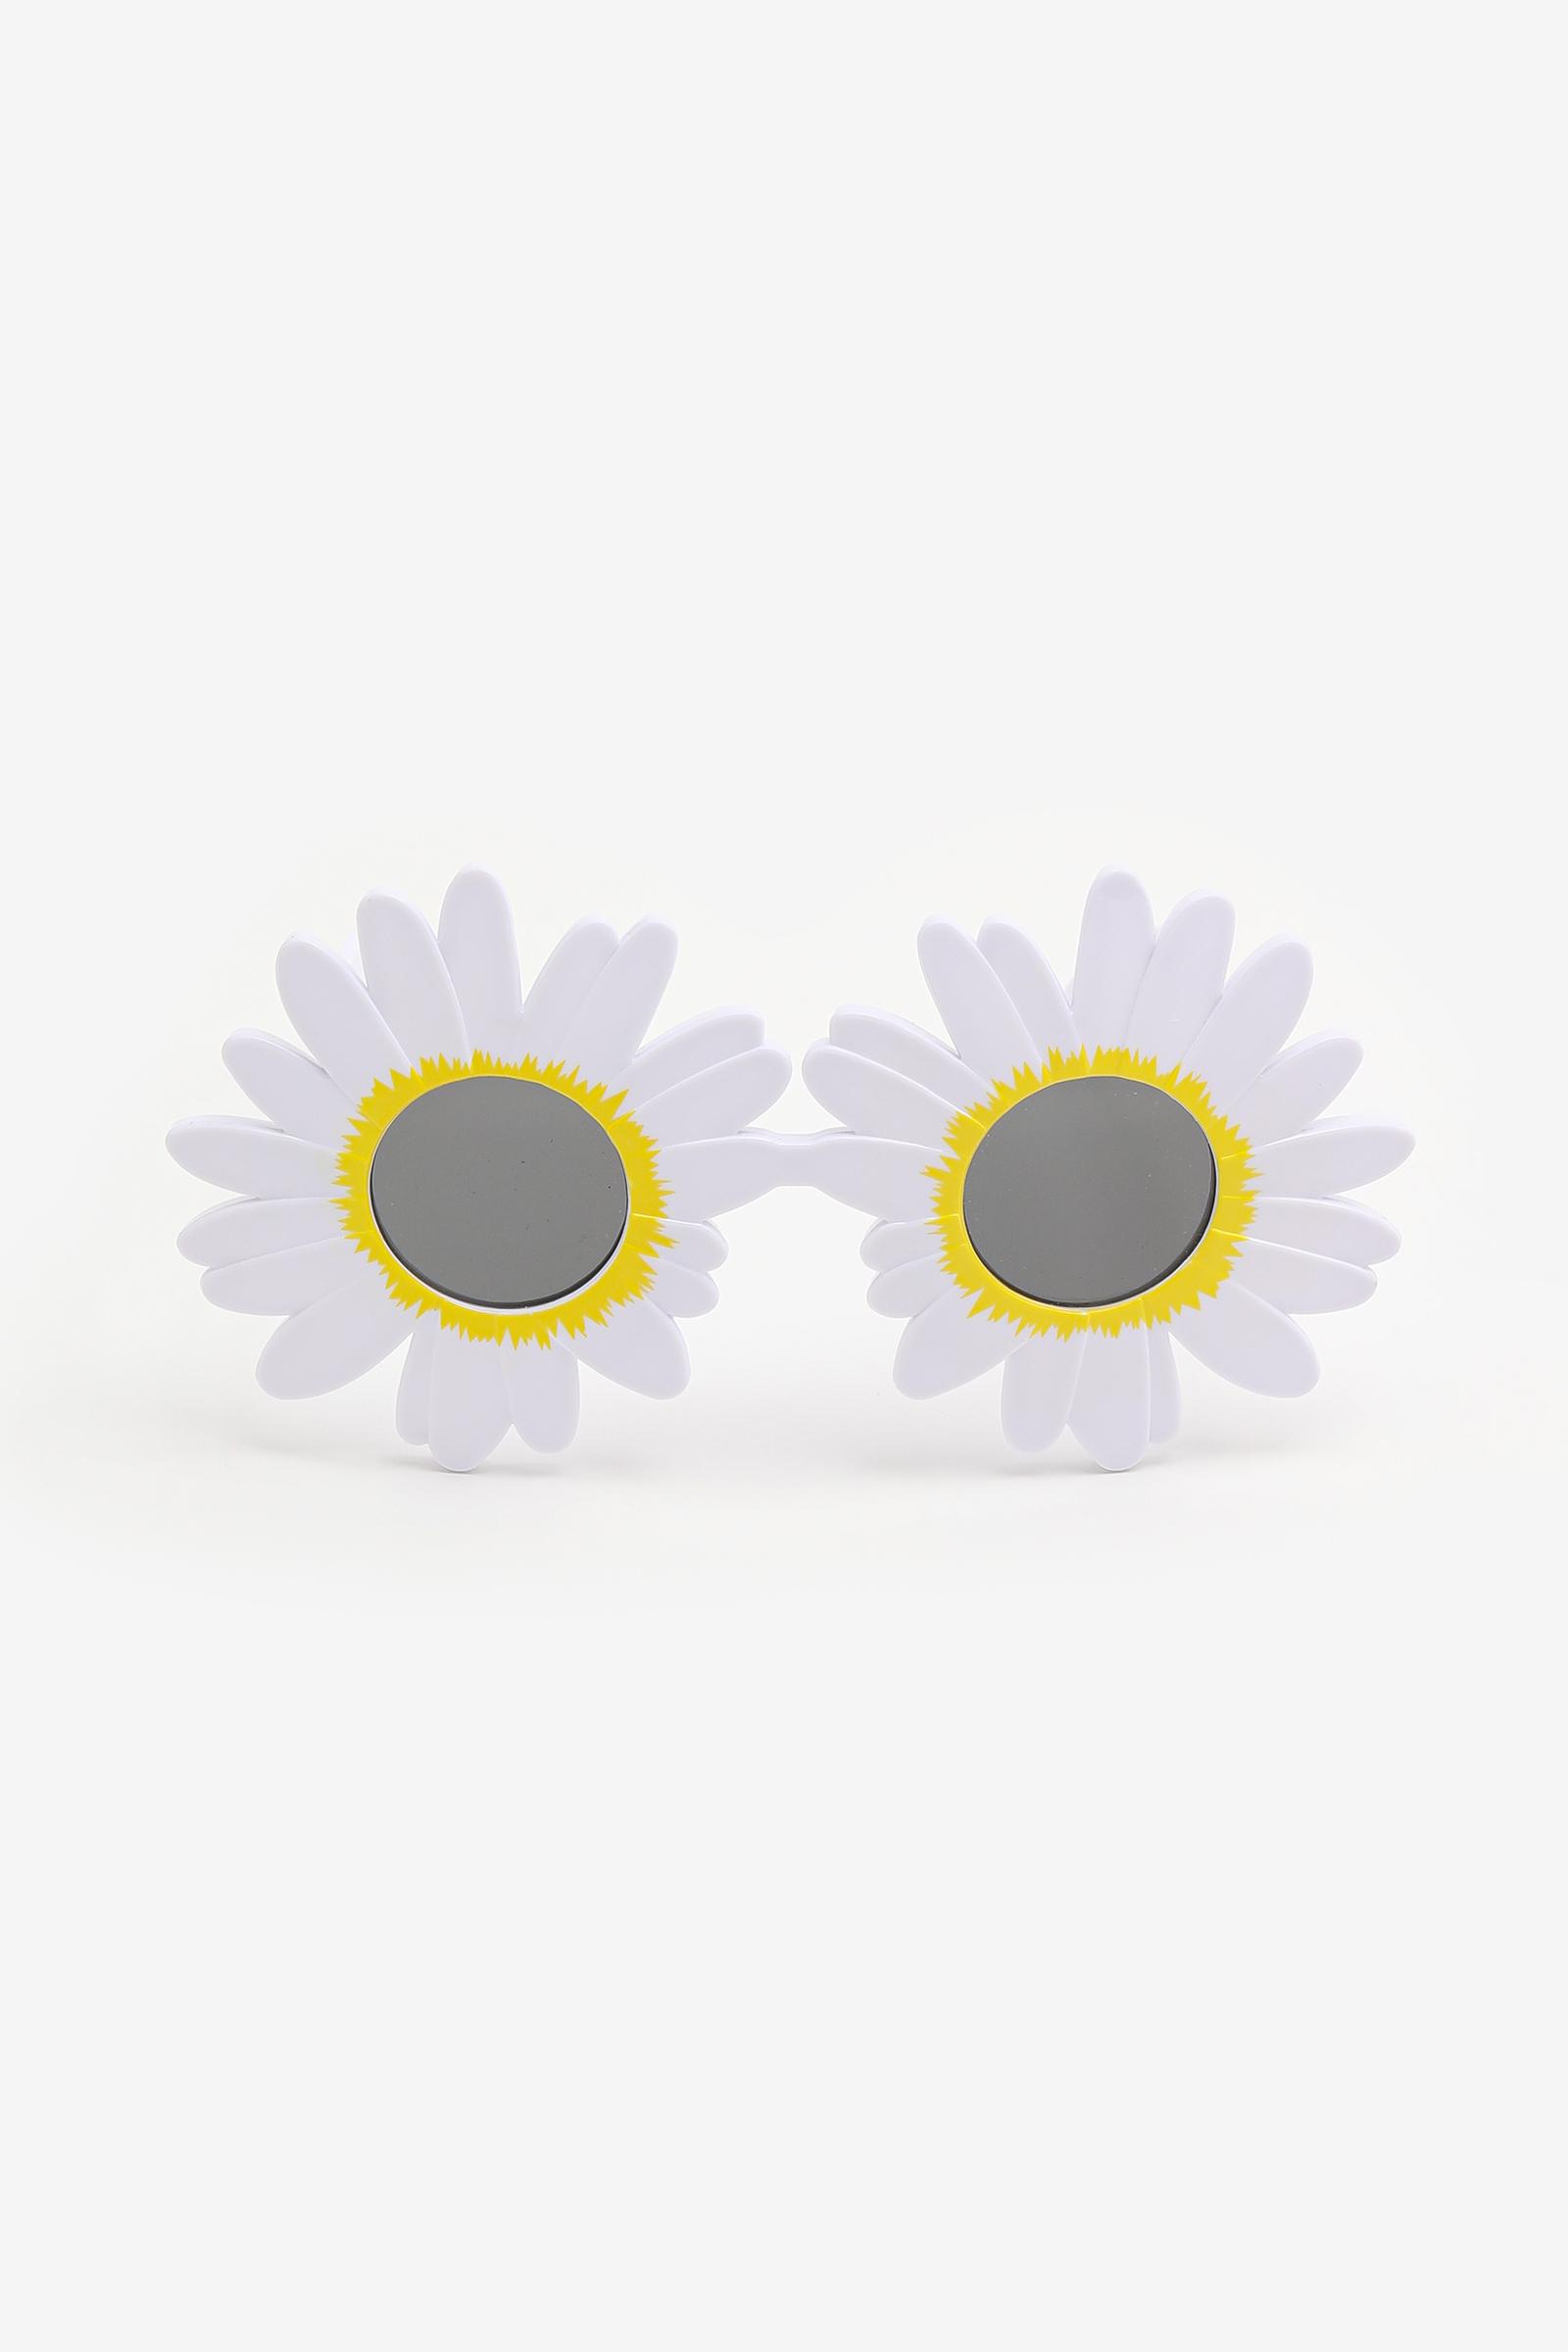 Flower Sunglasses for Kids